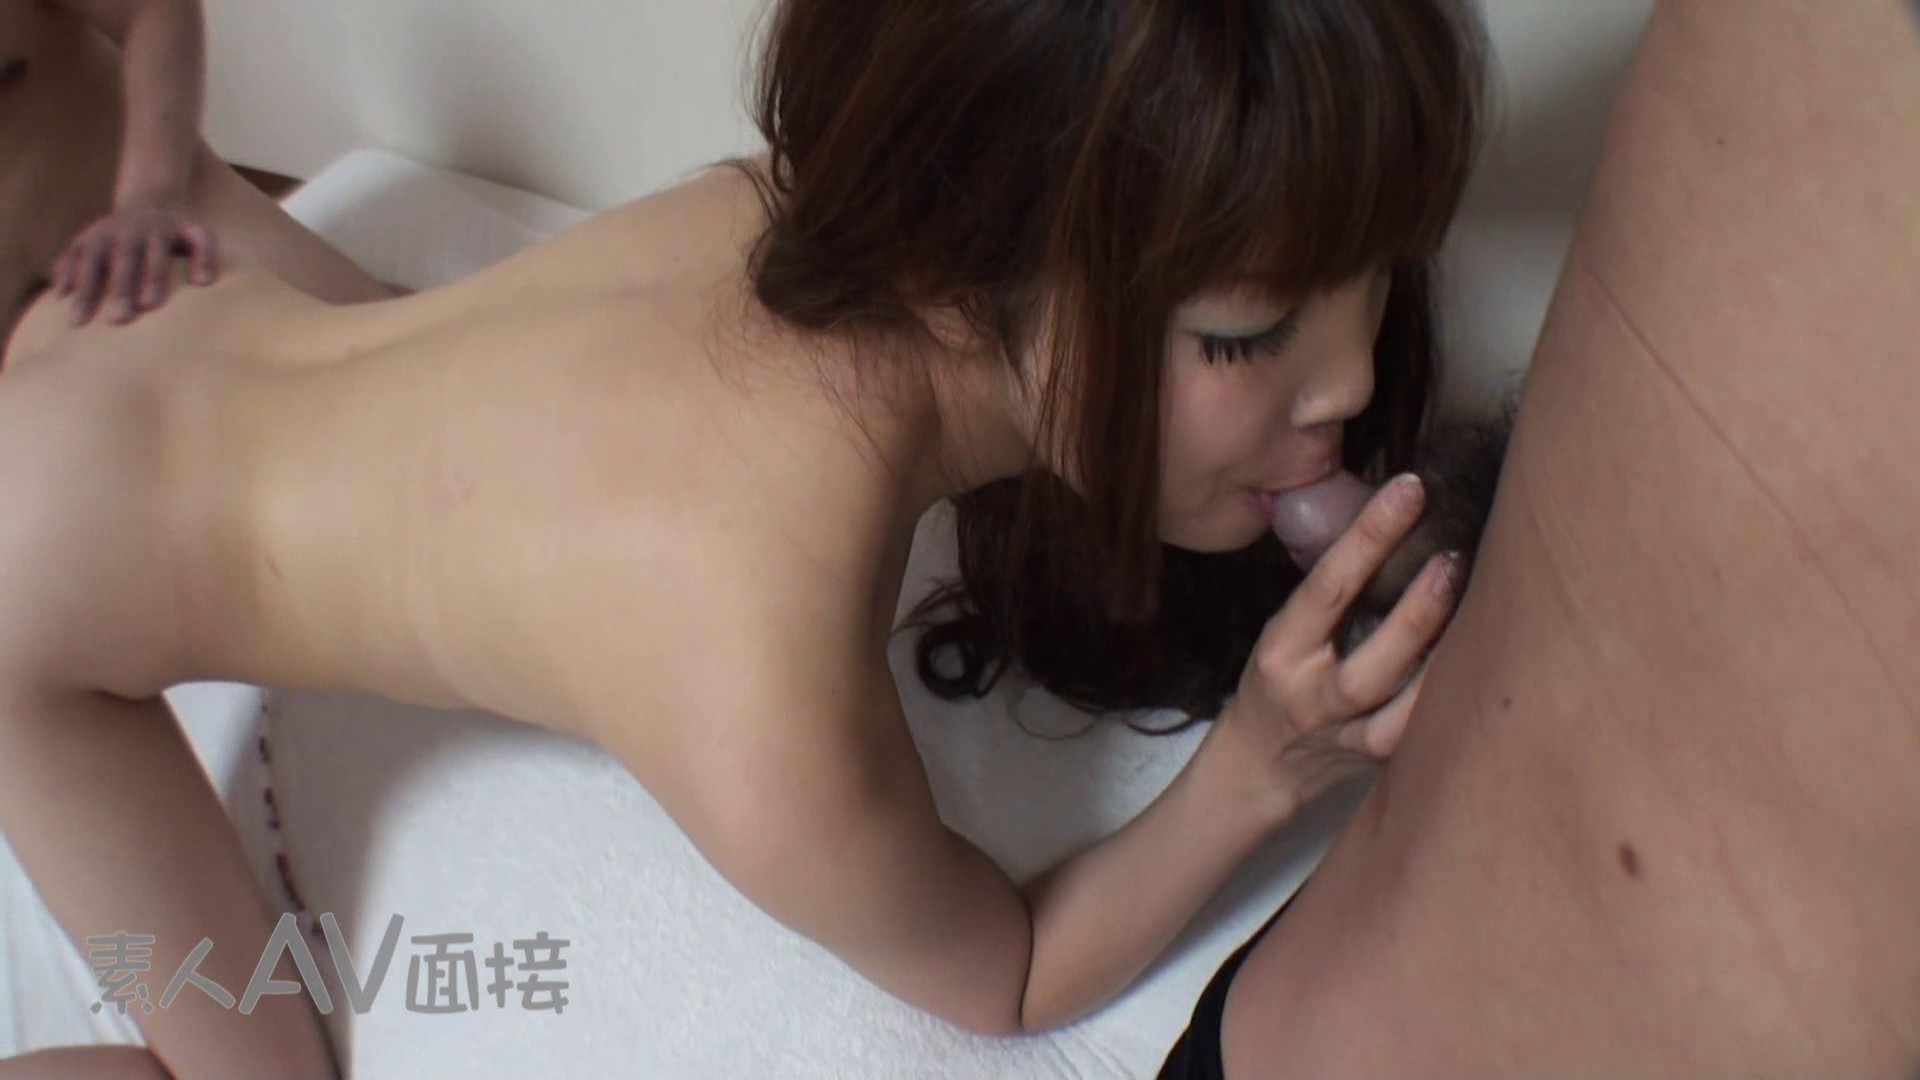 素人嬢がAV面接にやって来た。 仮名有花(ゆか)vol.4  独身エッチOL | 素人ハメ撮り  80pic 54